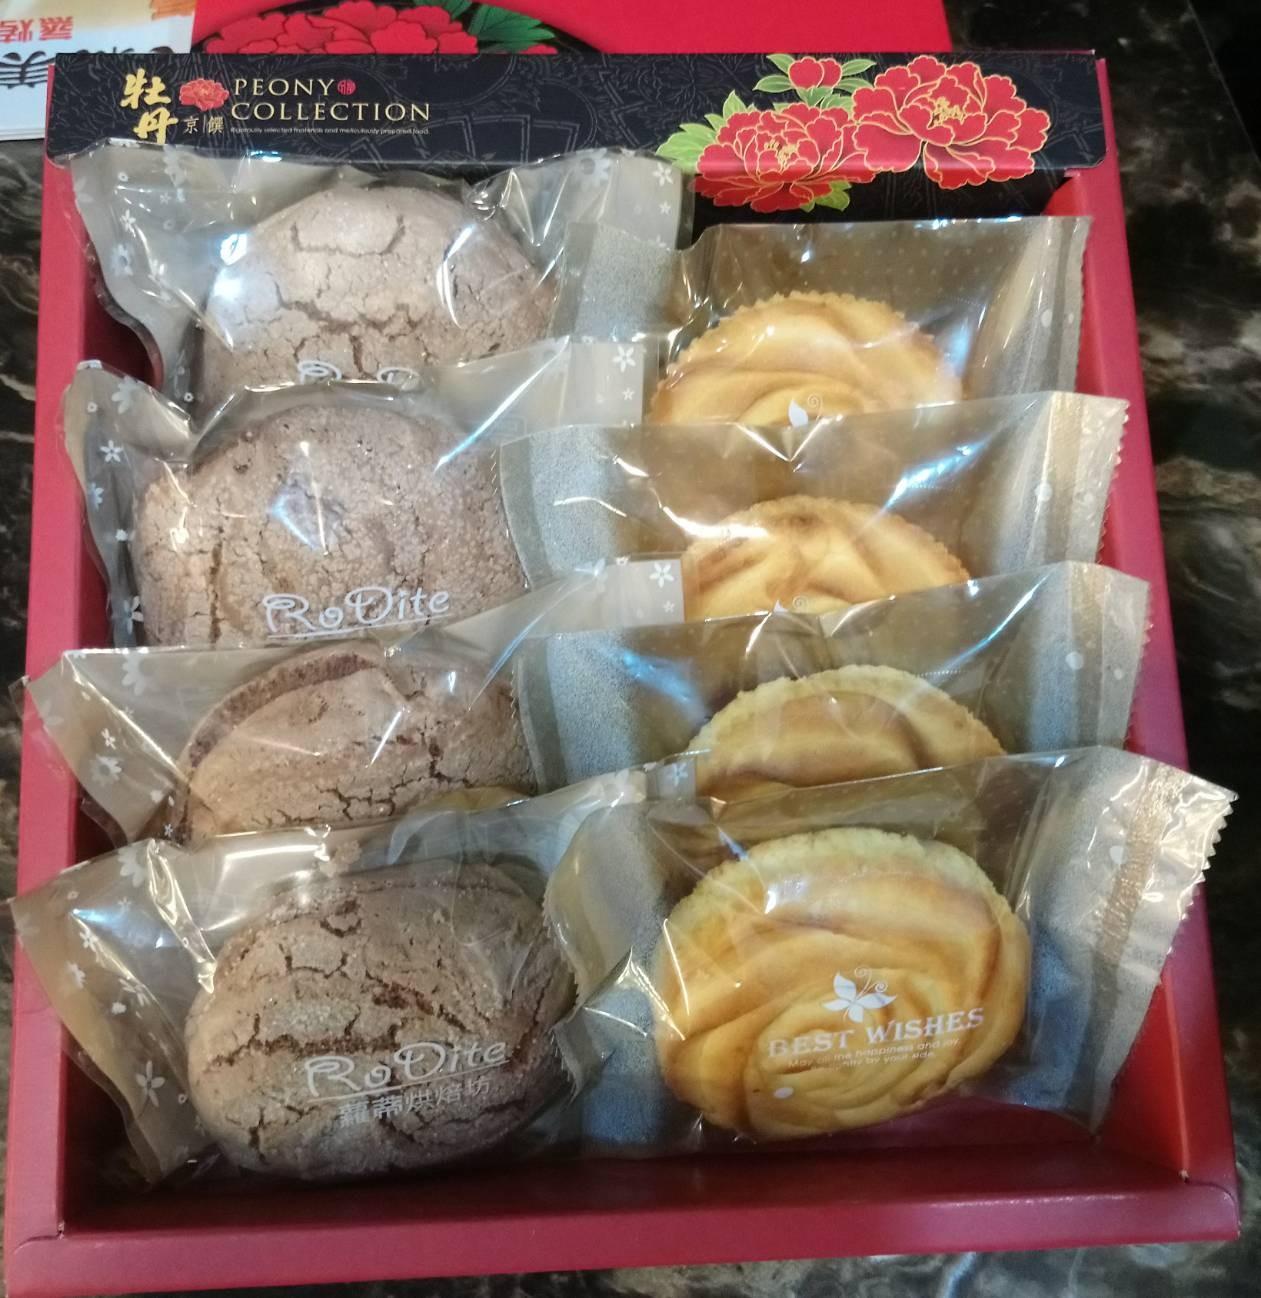 【蘿蒂烘焙坊】純手作 養生堅果塔+乳酪酥+蛋糕派 16入裝/盒(485元)